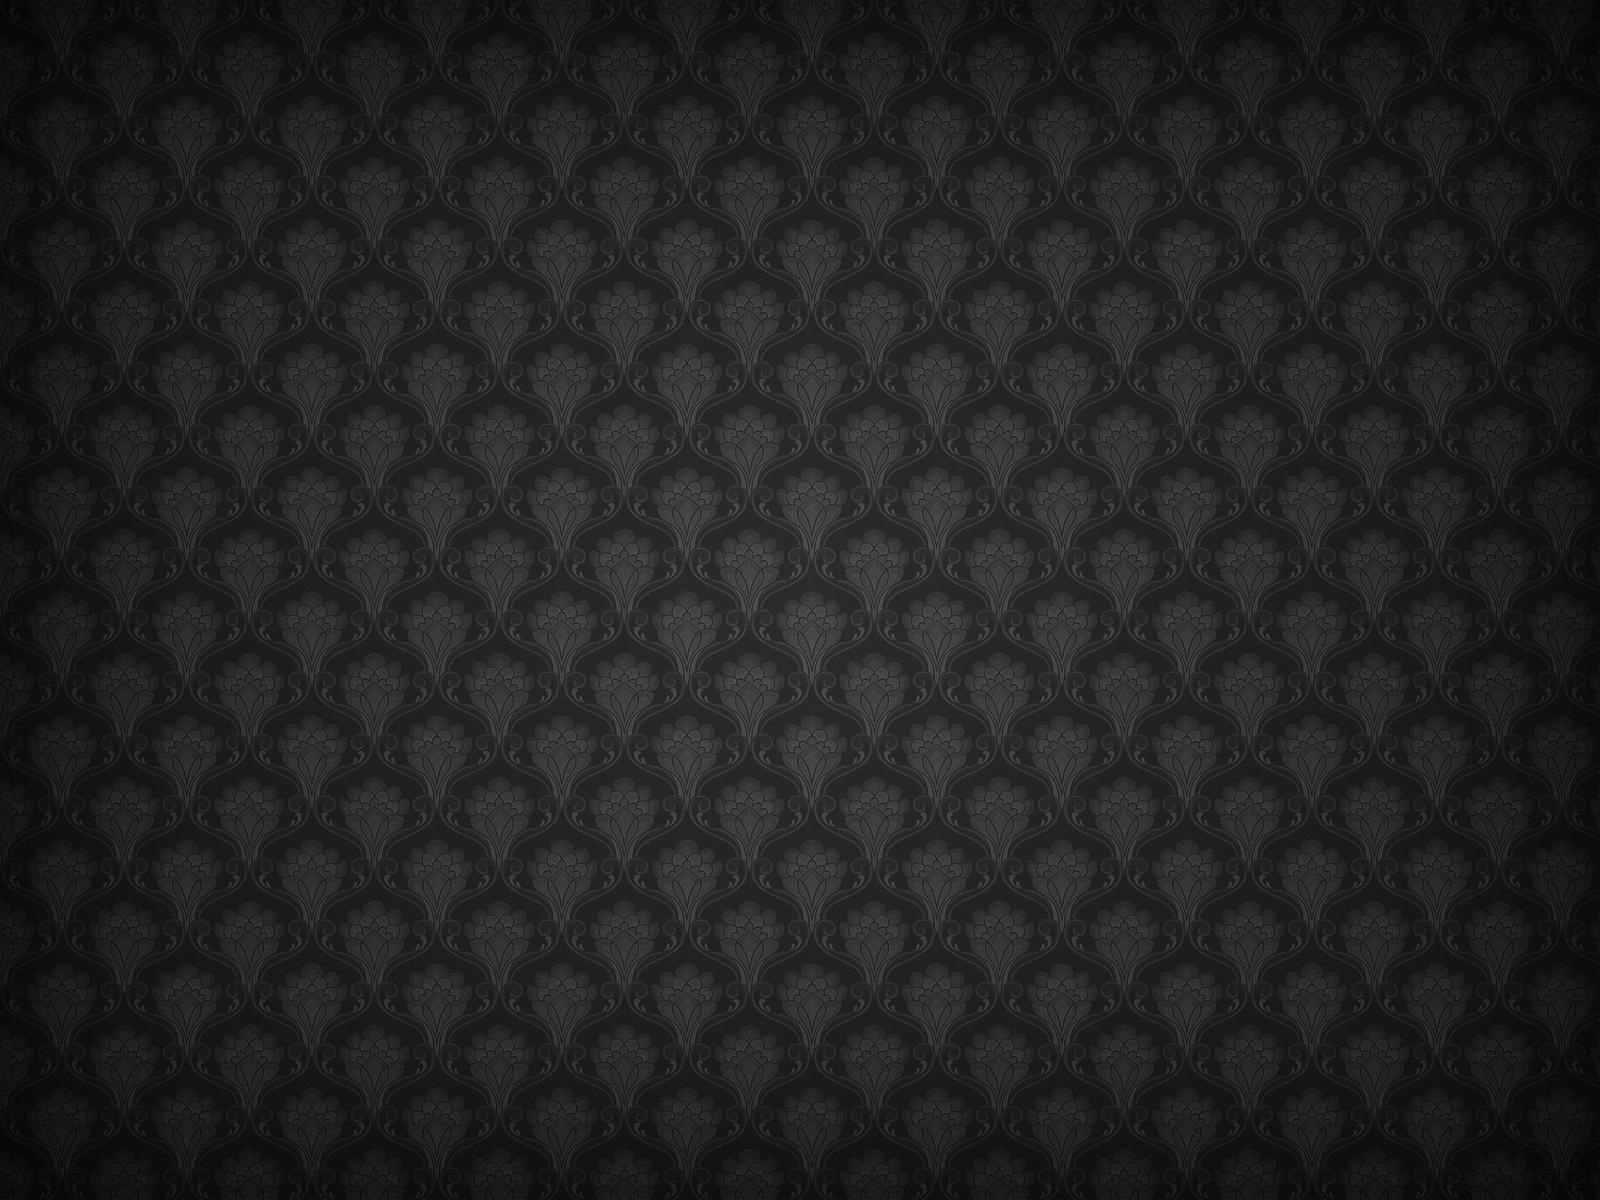 The Best Top Desktop Hd Dark Black Wallpapers Wallpaper Background 162